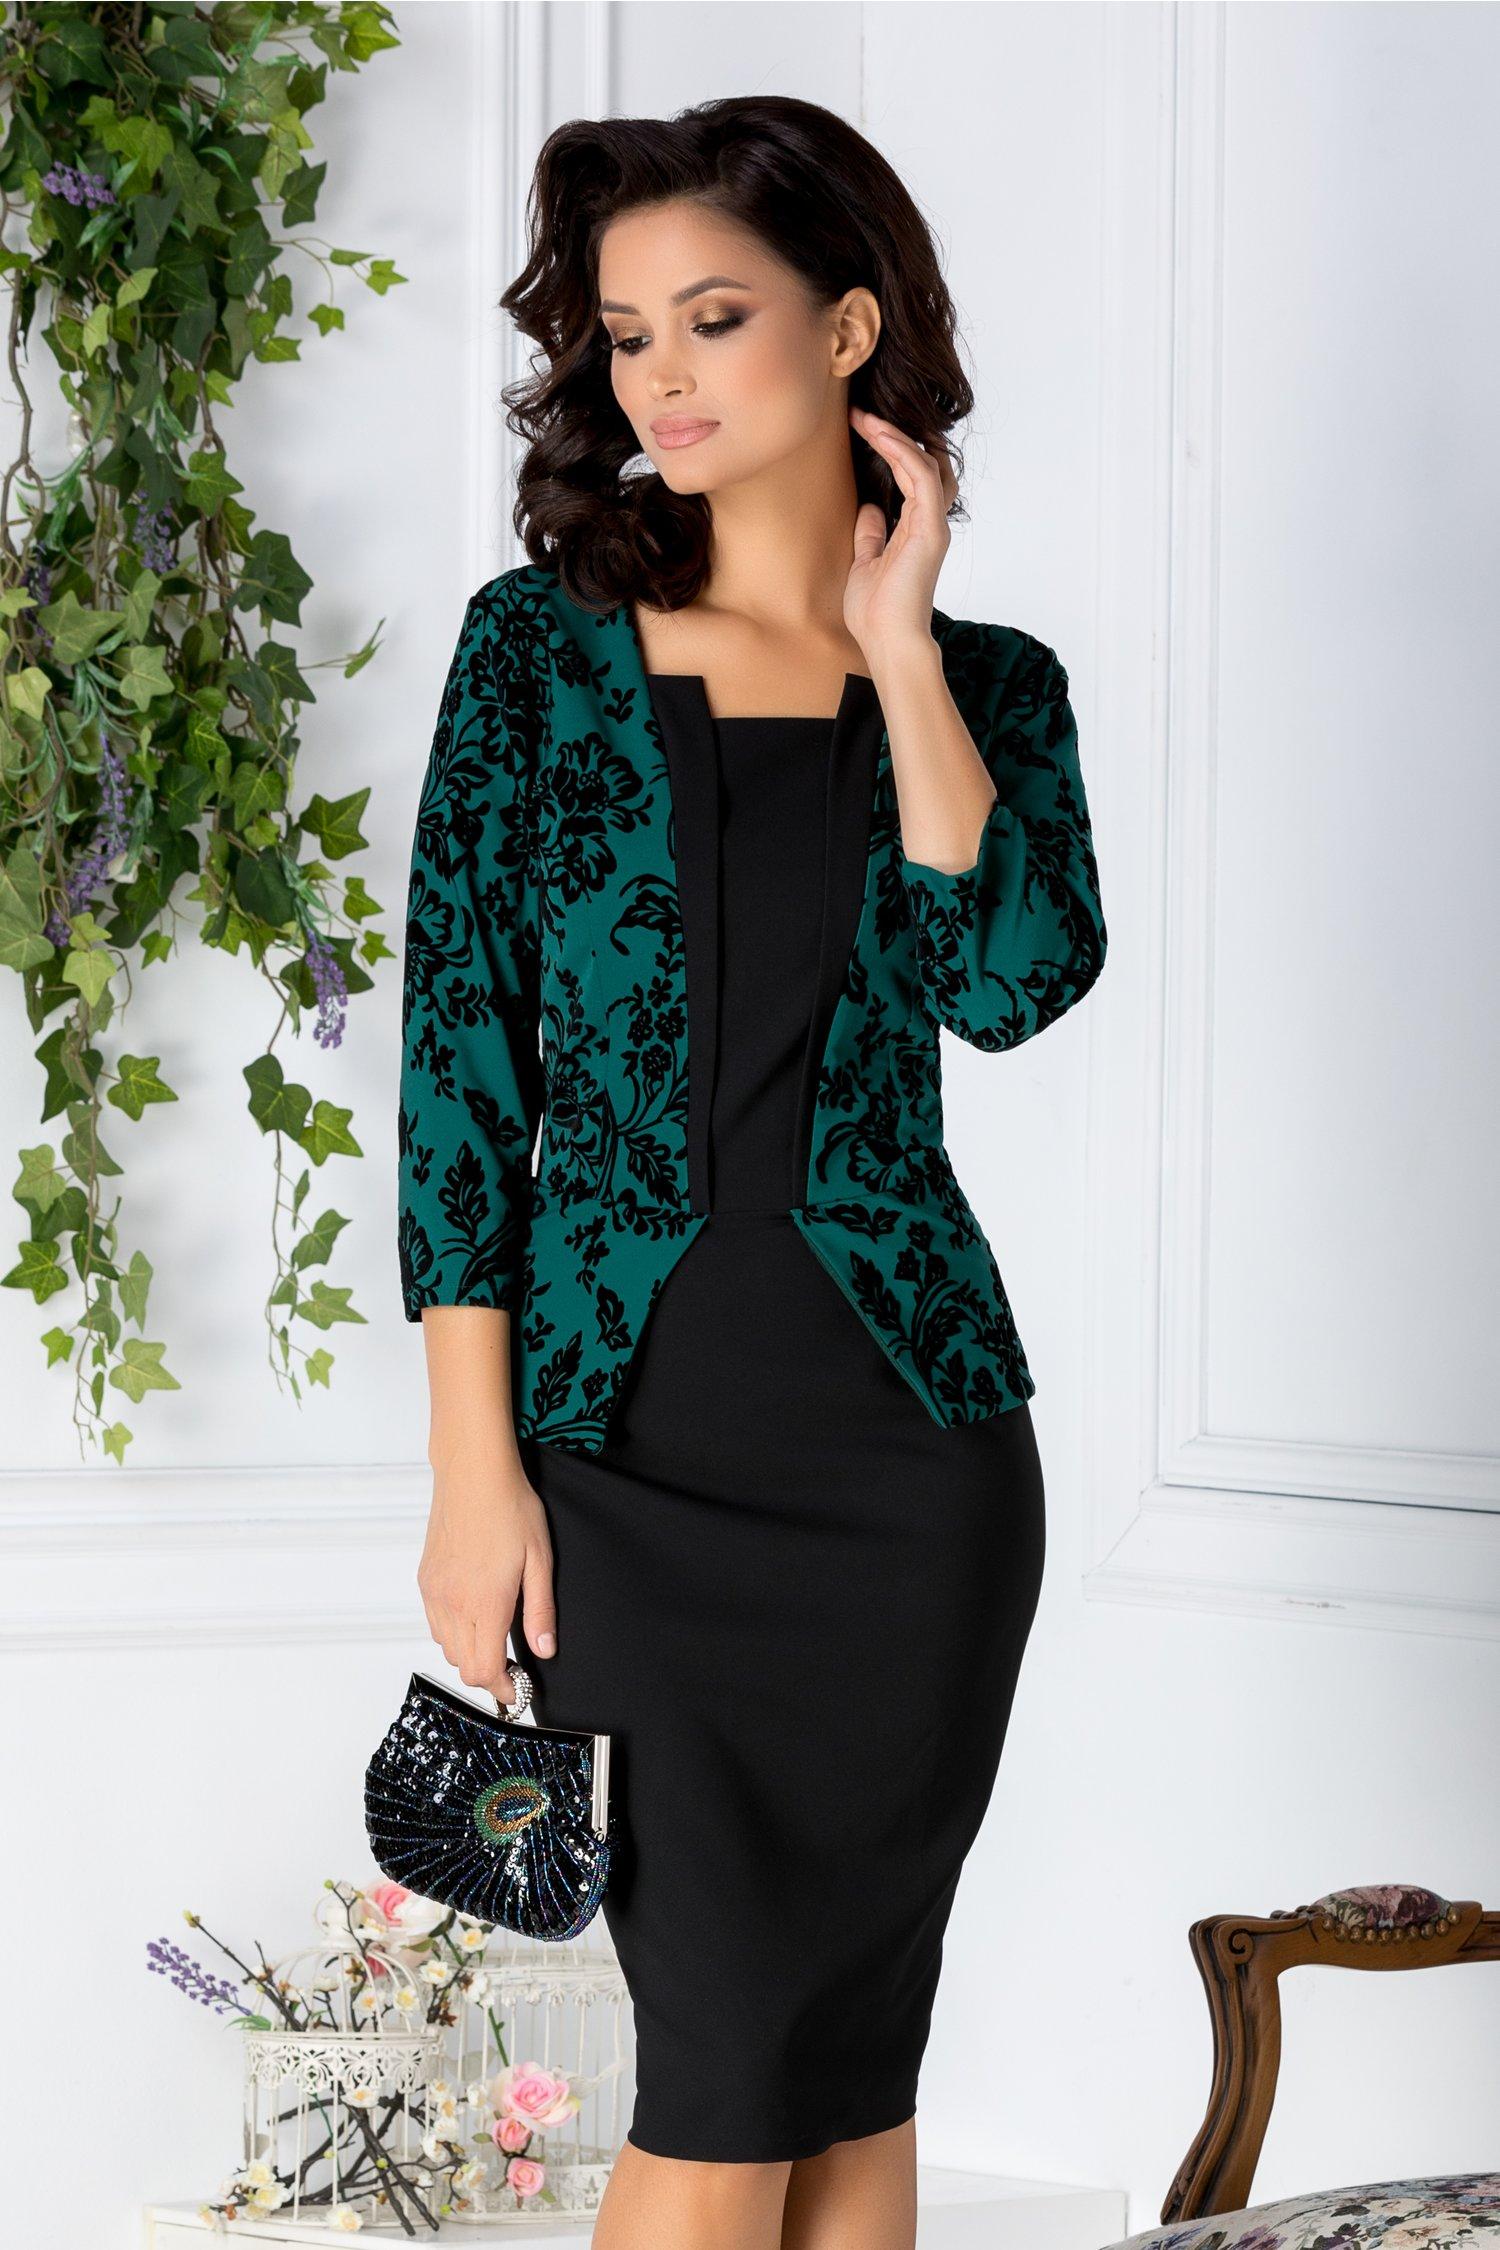 Rochie Pauline verde si negru cu peplum si insertii catifelate